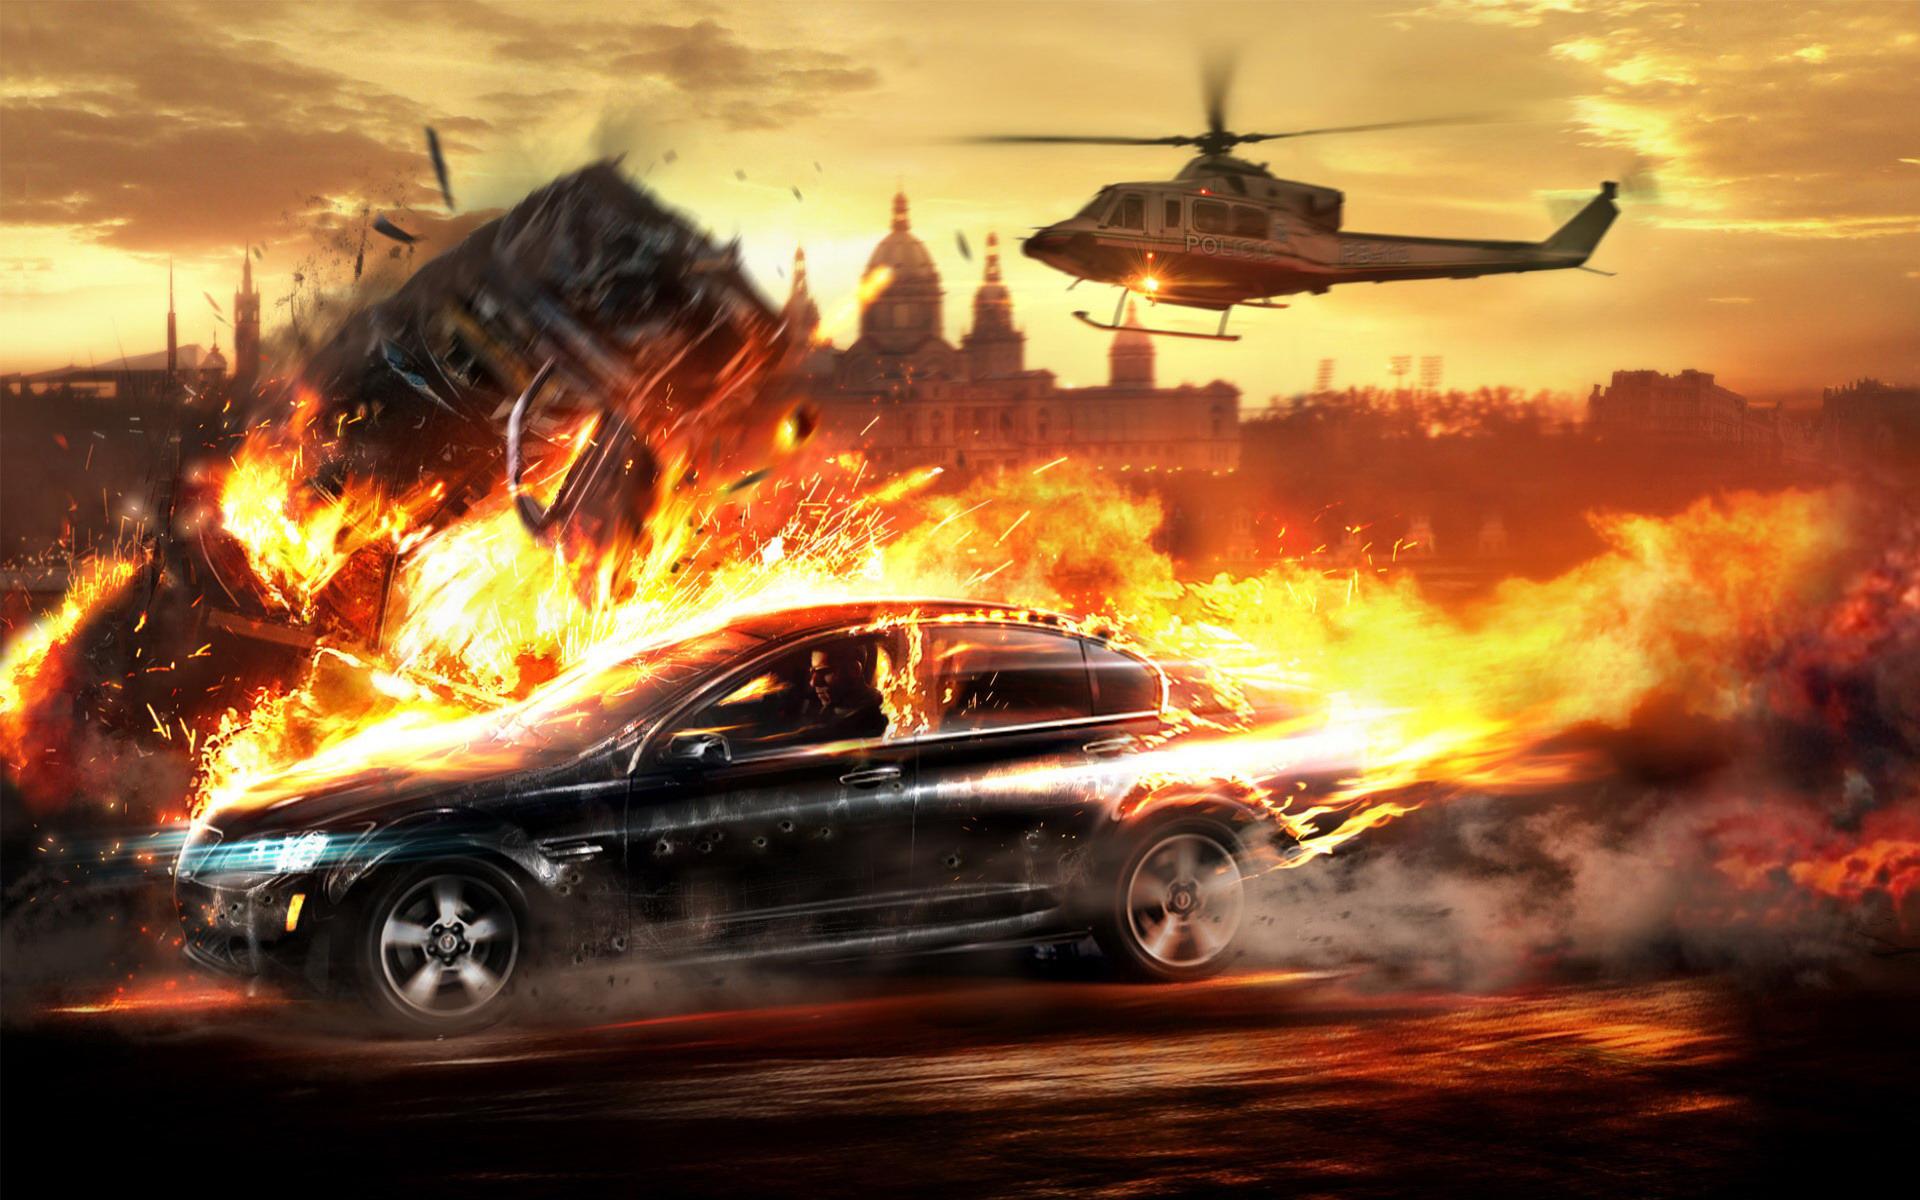 Обои погоня, авиация, огонь, пожар